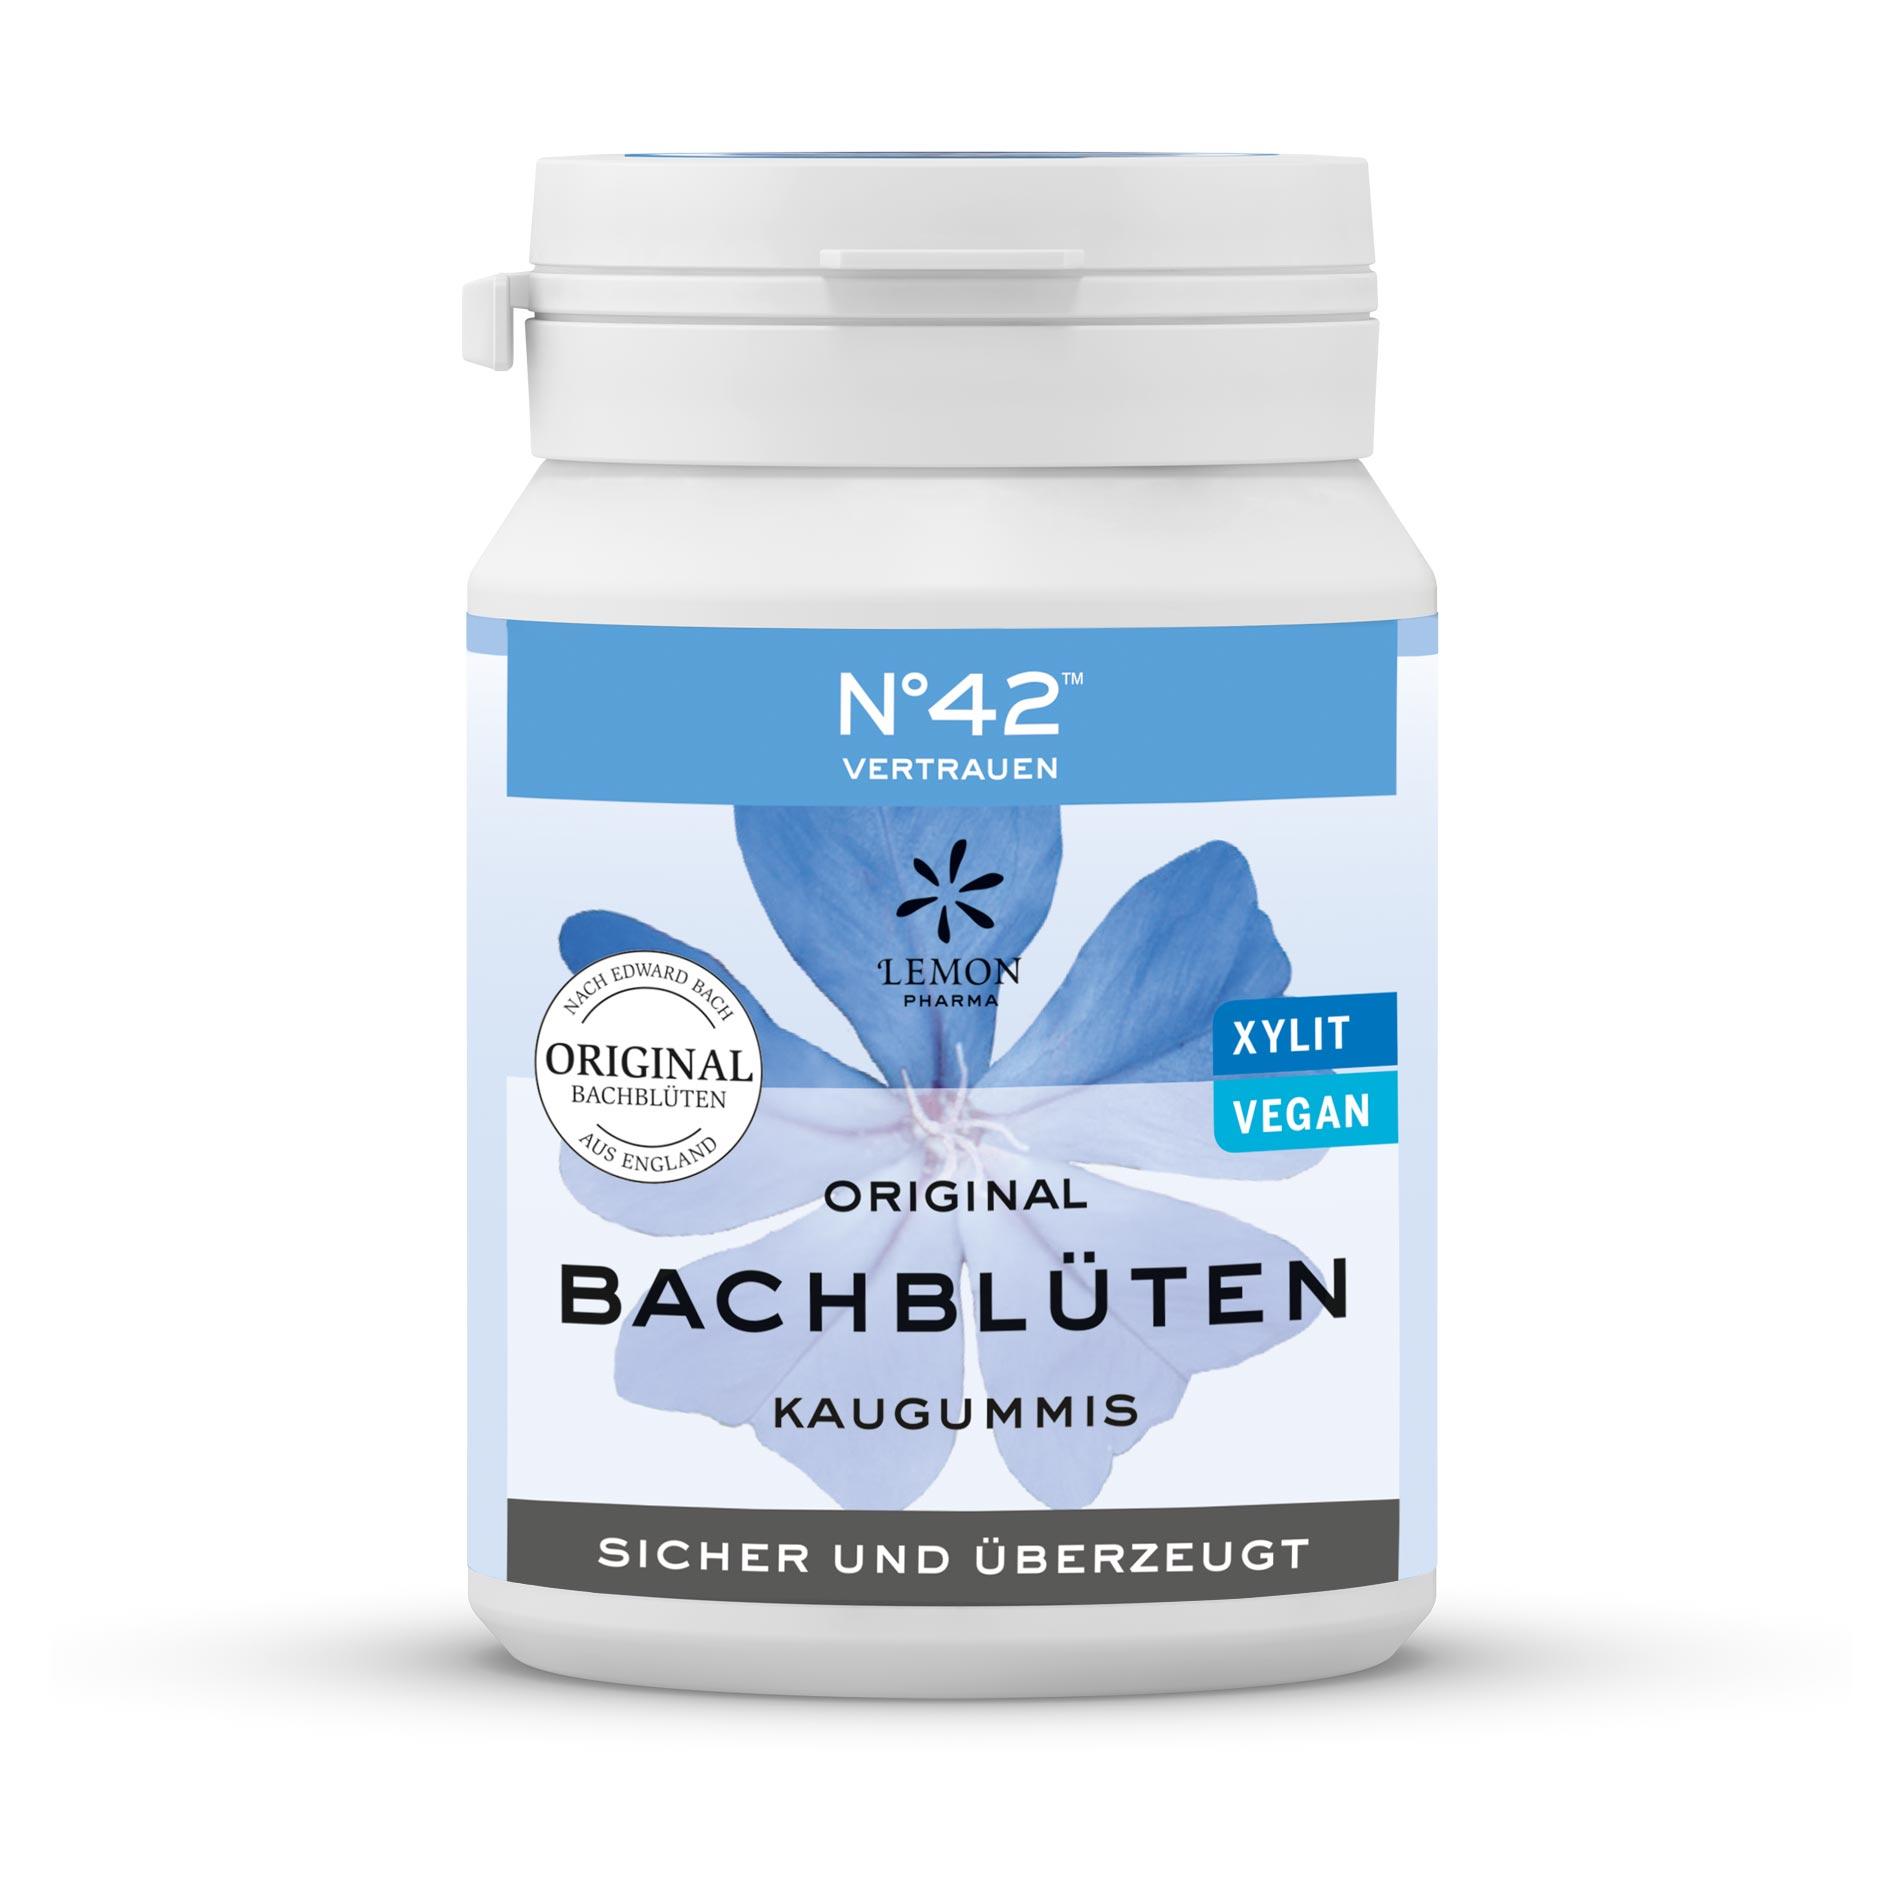 Gomme da masticare 42 fiducia Fiori di Bach originali Lemon Pharma Bach flowers sicuro e convinto xylit vegano Intuizione